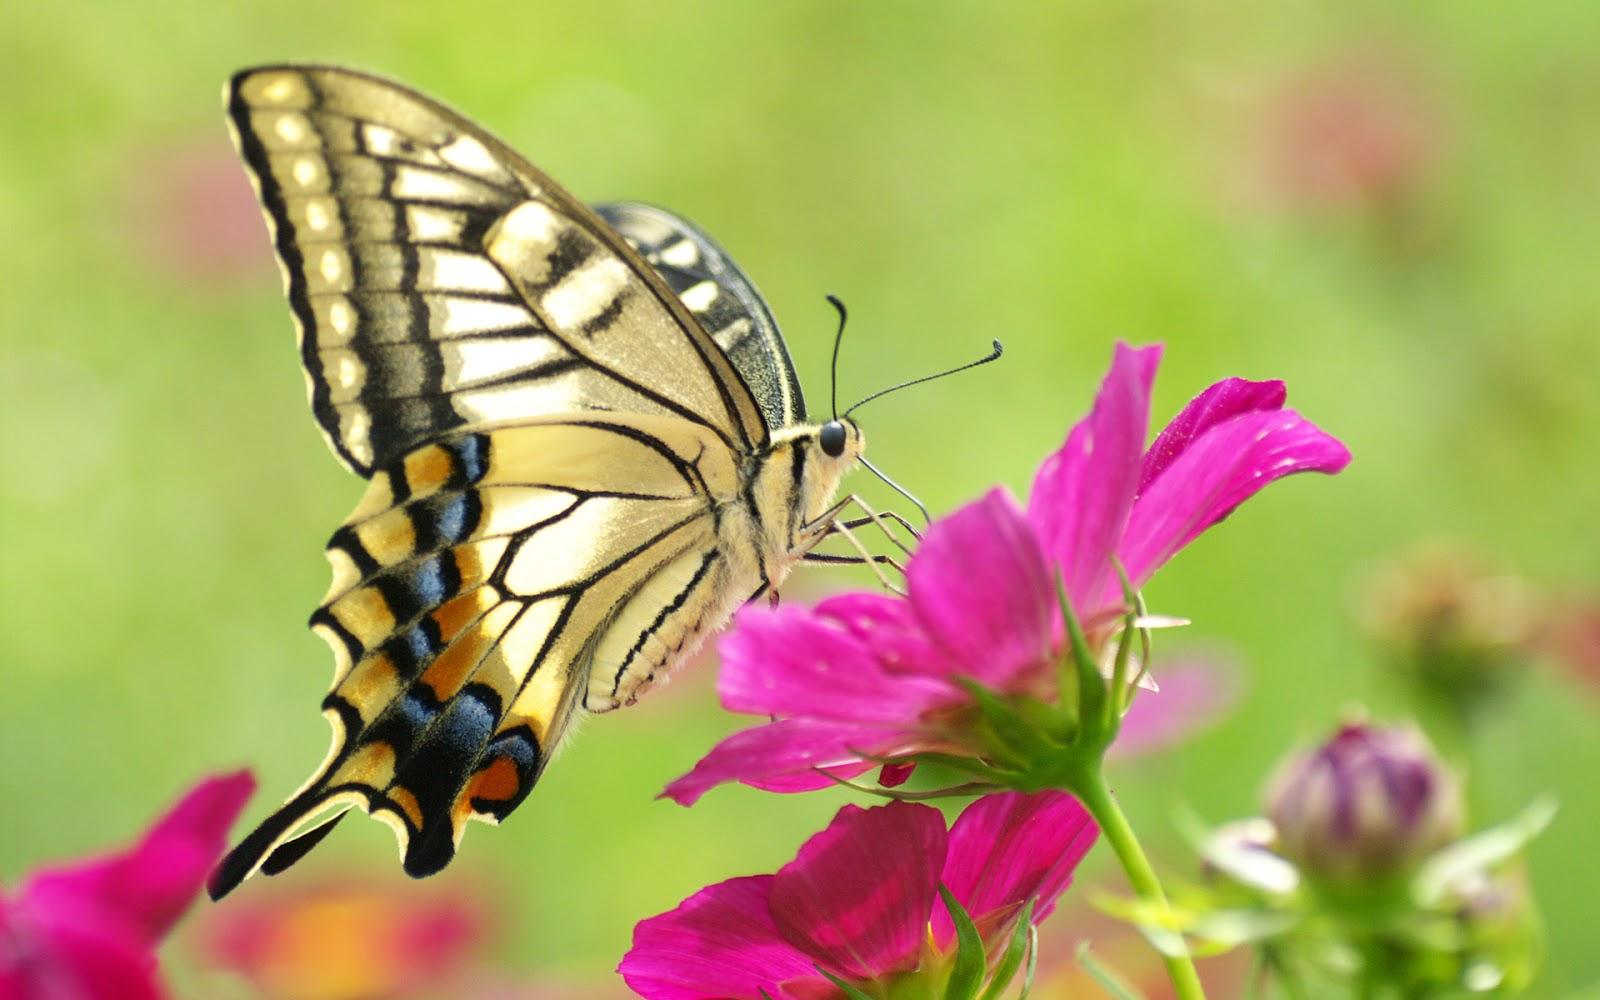 Ảnh hoa cánh bướm làm hình nền